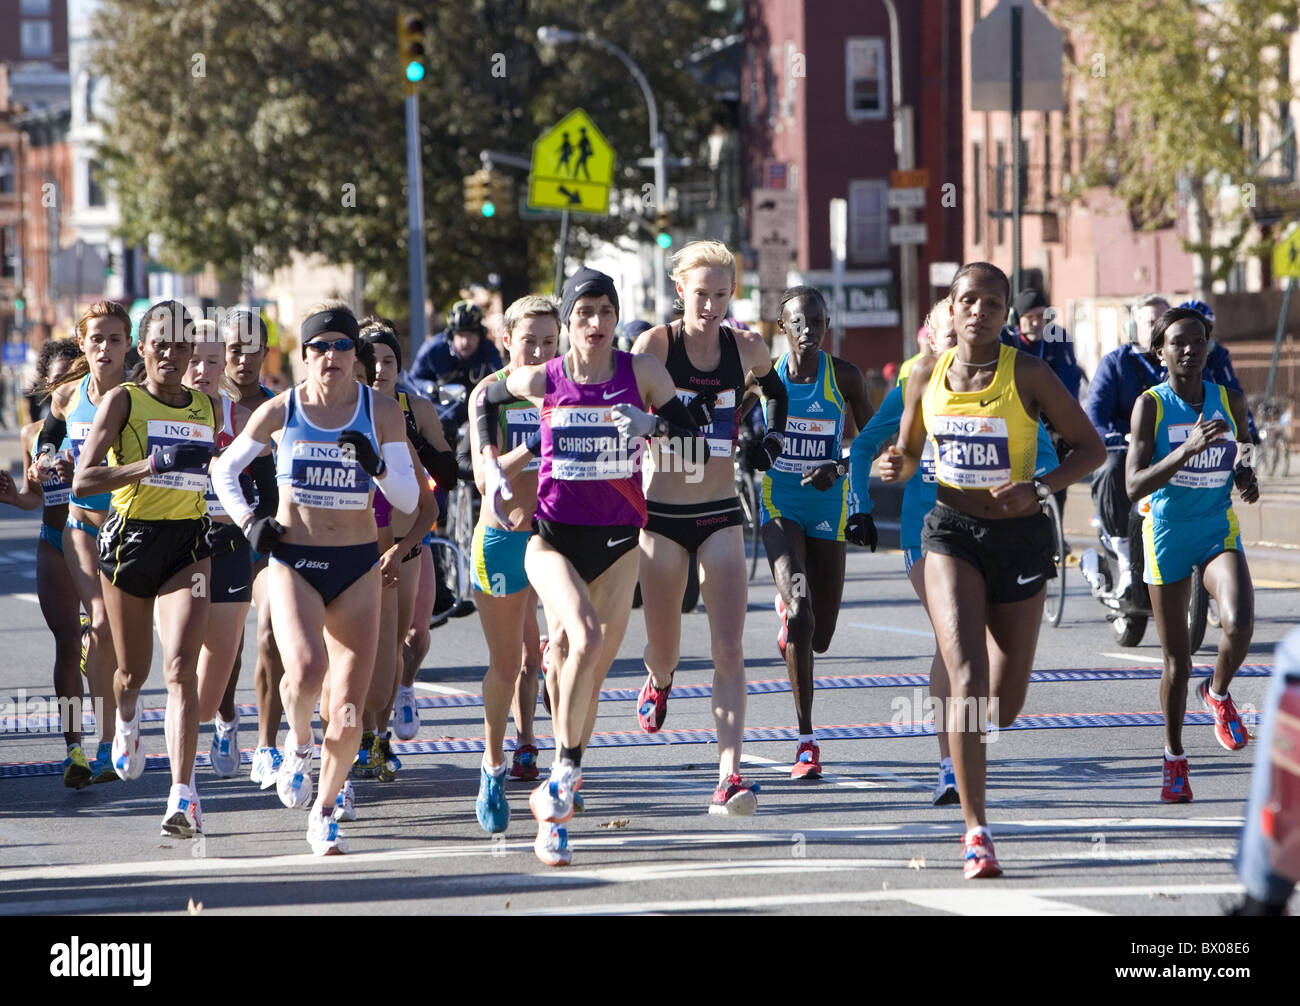 2010: femme front runners aux 10K Marque dans le New York City Marathon sur la 4 e Avenue à Brooklyn. Photo Stock